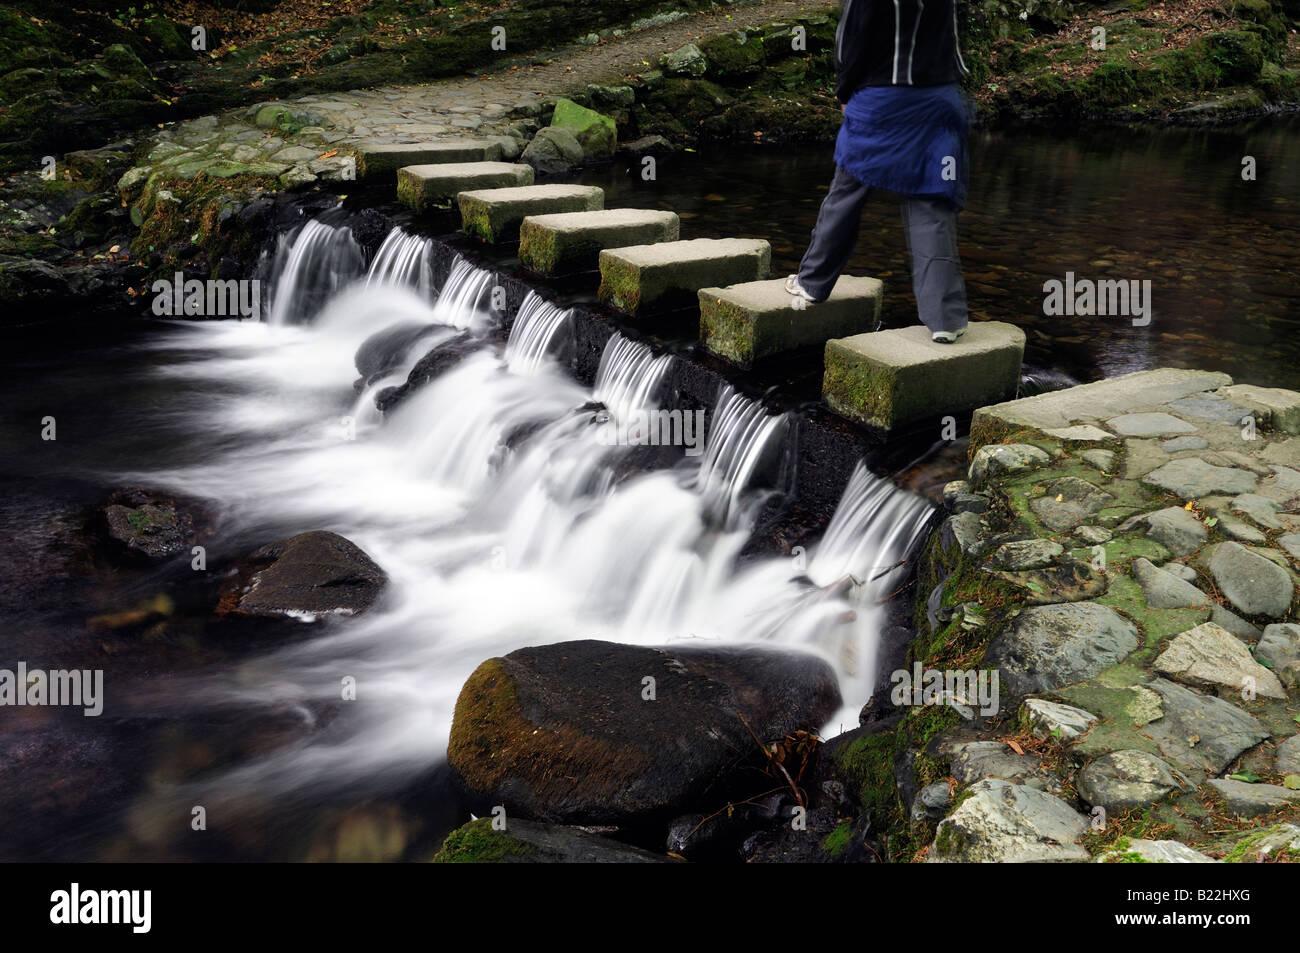 Mujer caminando sobre Stepping Stones pasarela peatonal cruza cruzar el río shimna tollymore condado de Down en Irlanda del Norte Foto de stock